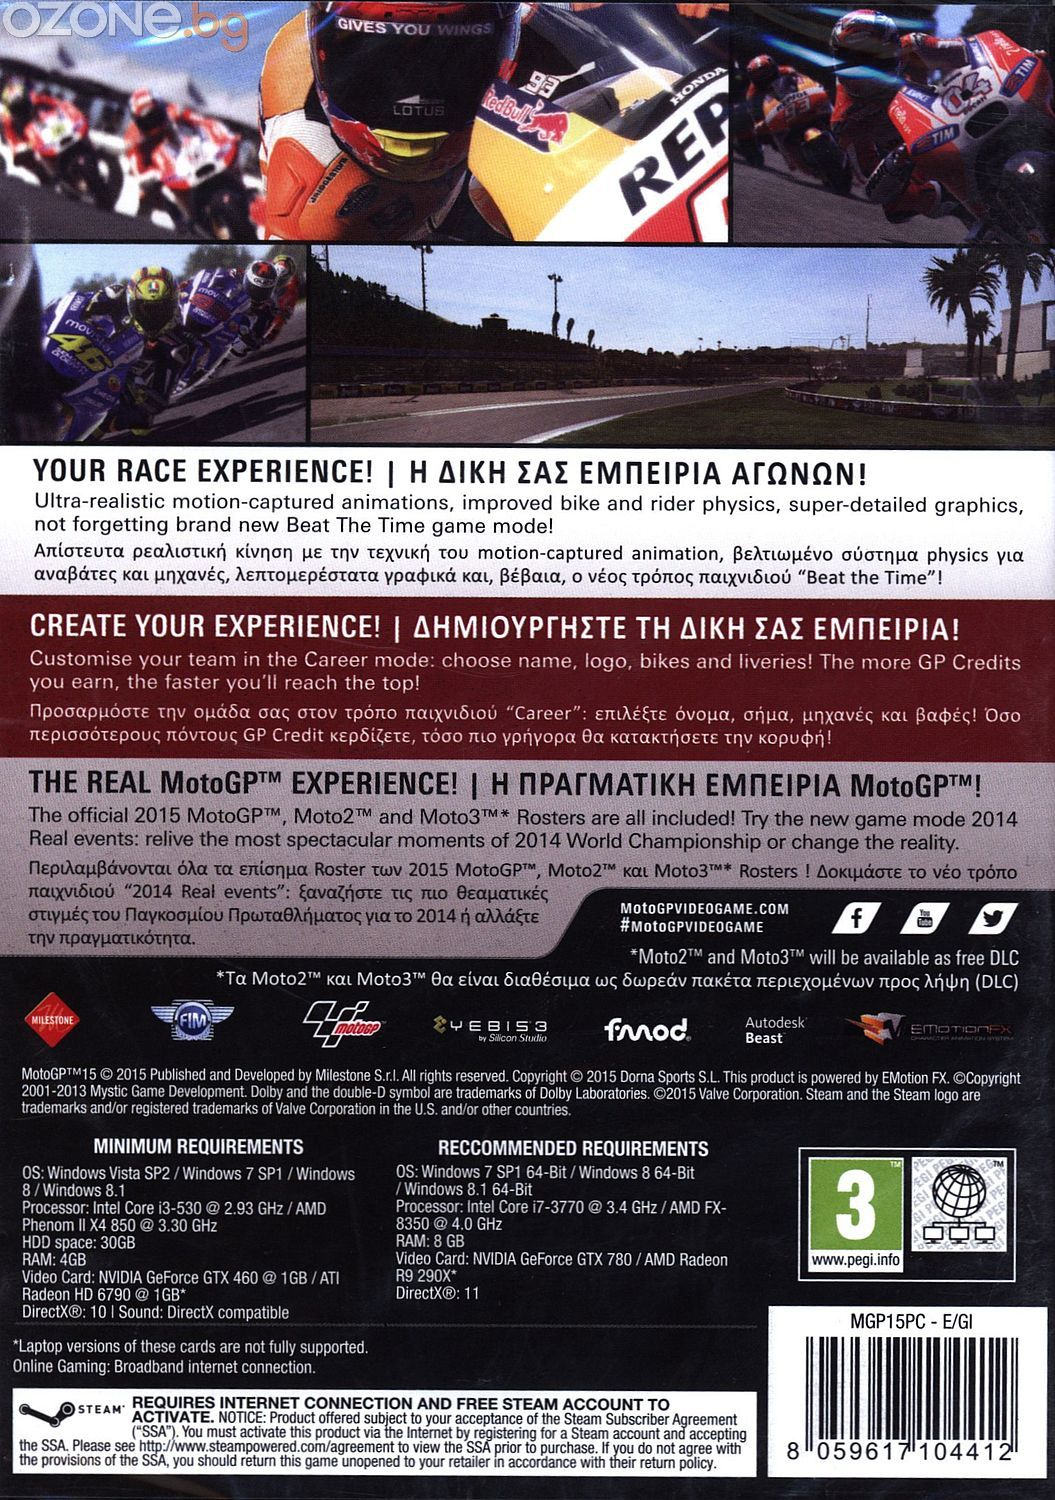 MotoGP 15 (PC) - 4